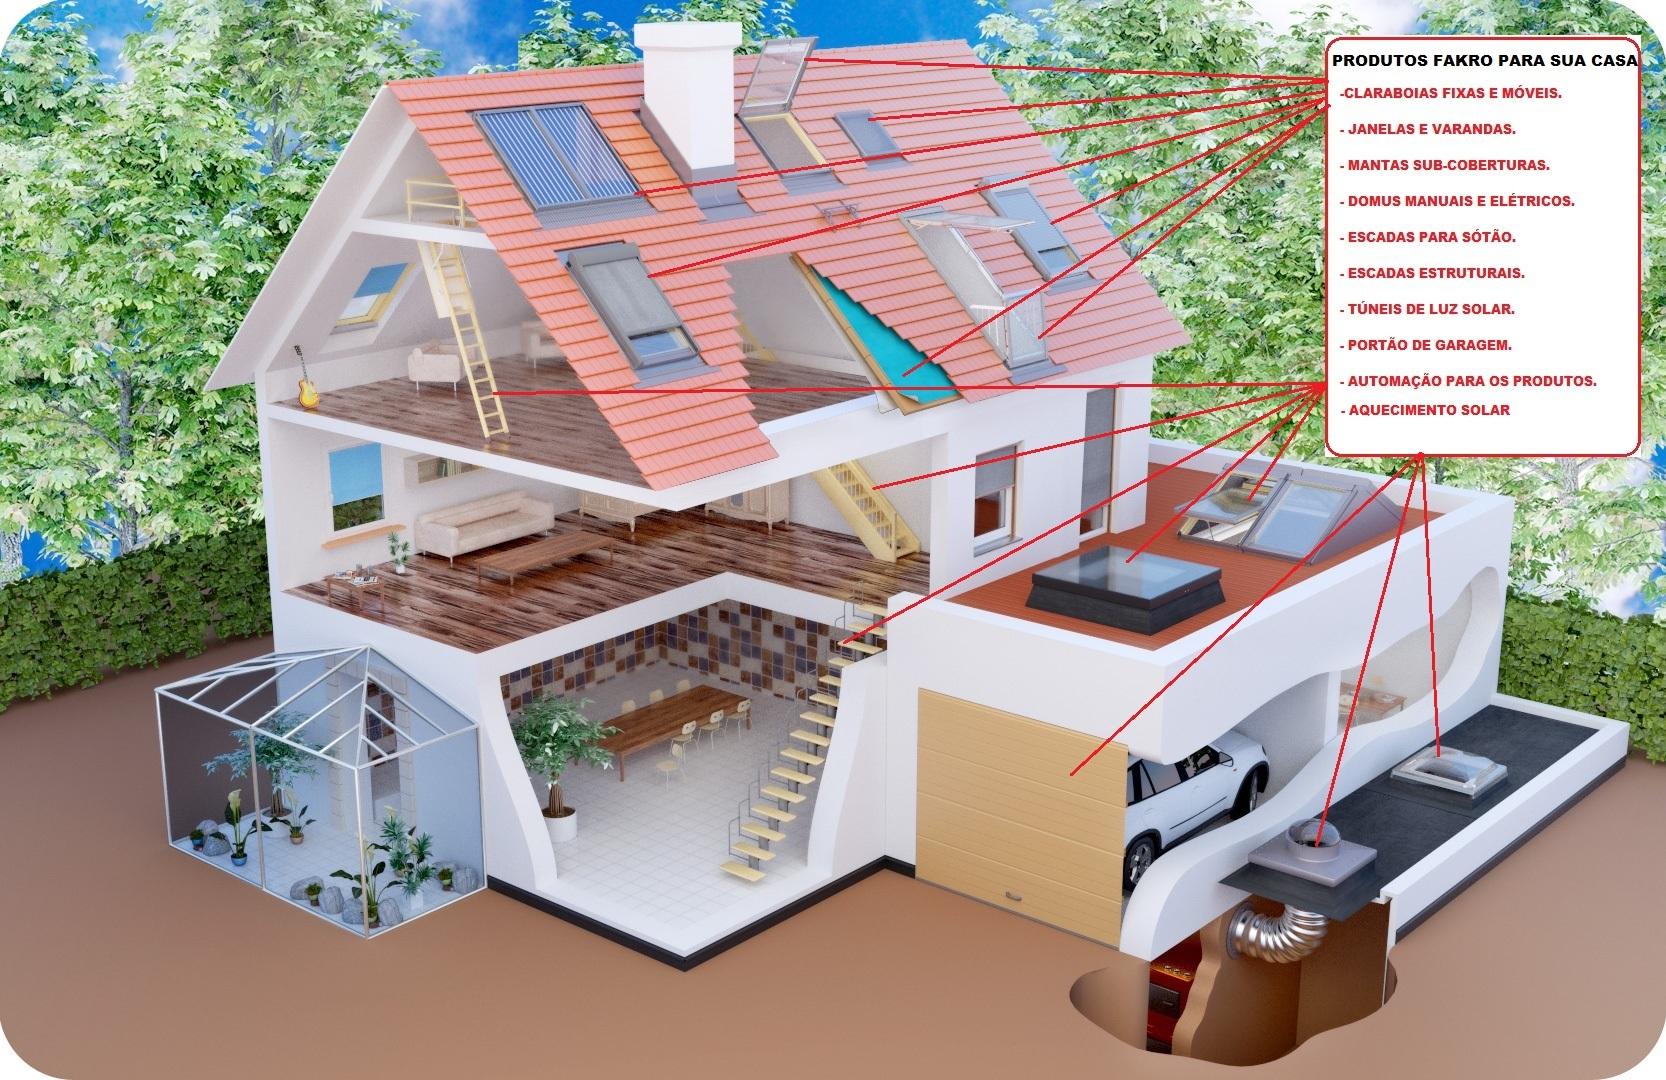 #6D4333 – Escadup – Especializada em escadas para sótão janelas  914 Onde Comprar Janela De Aluminio Em Bh